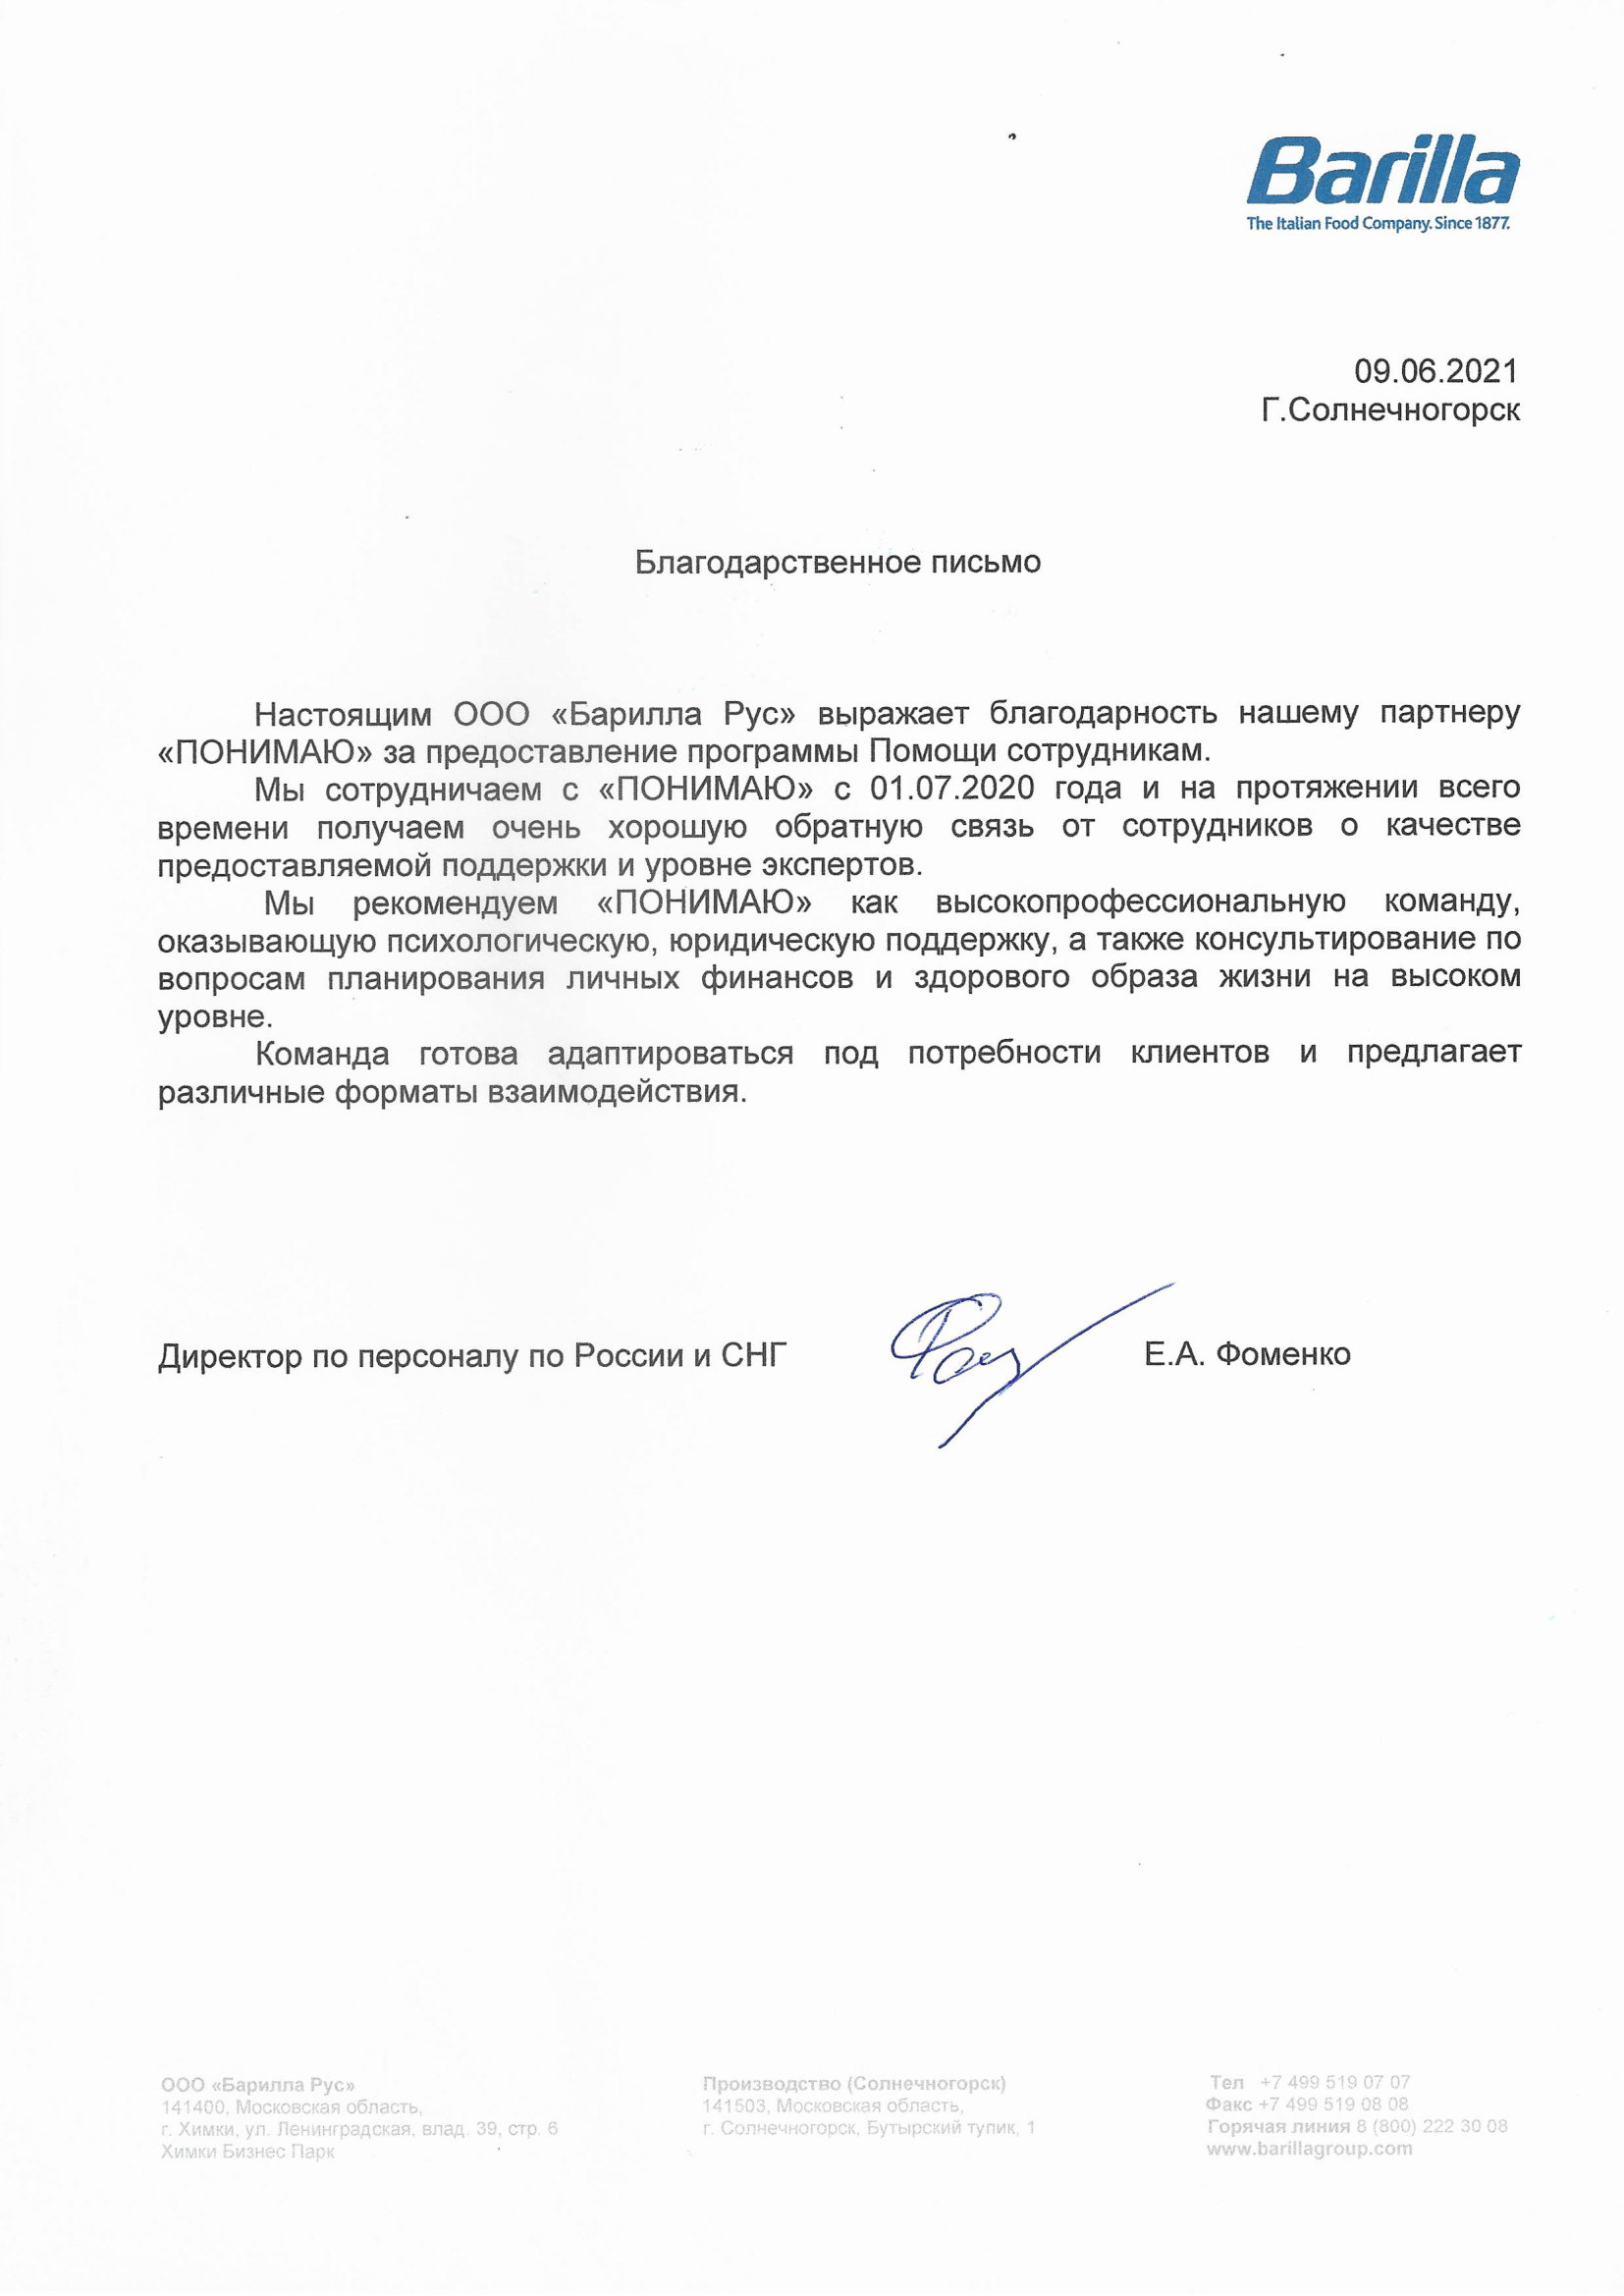 Рекомендательное письмо Barilla-1-min